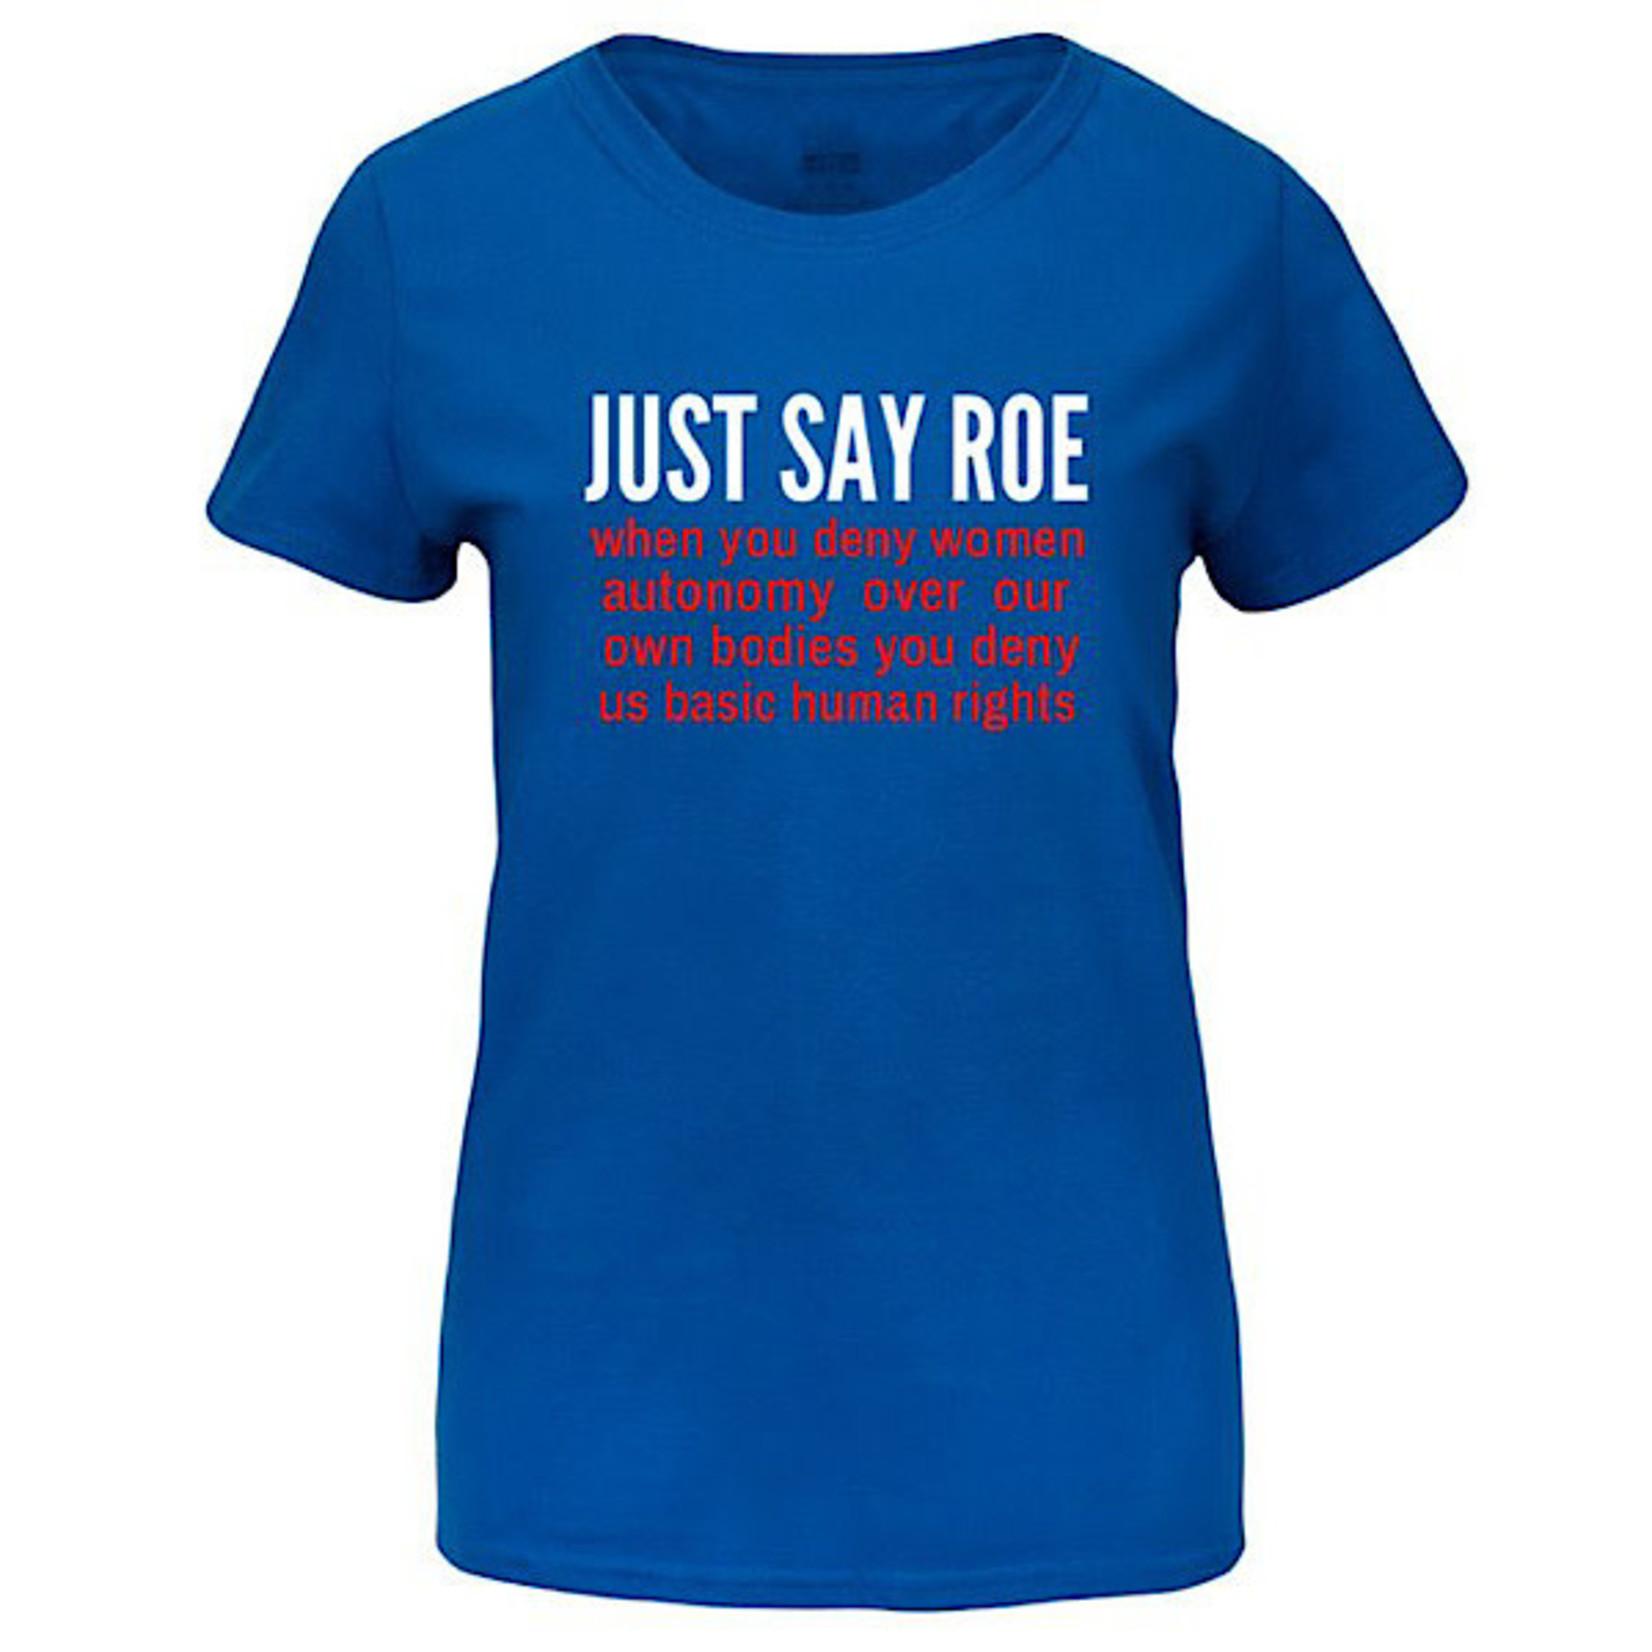 T-Shirt - Just Say Roe